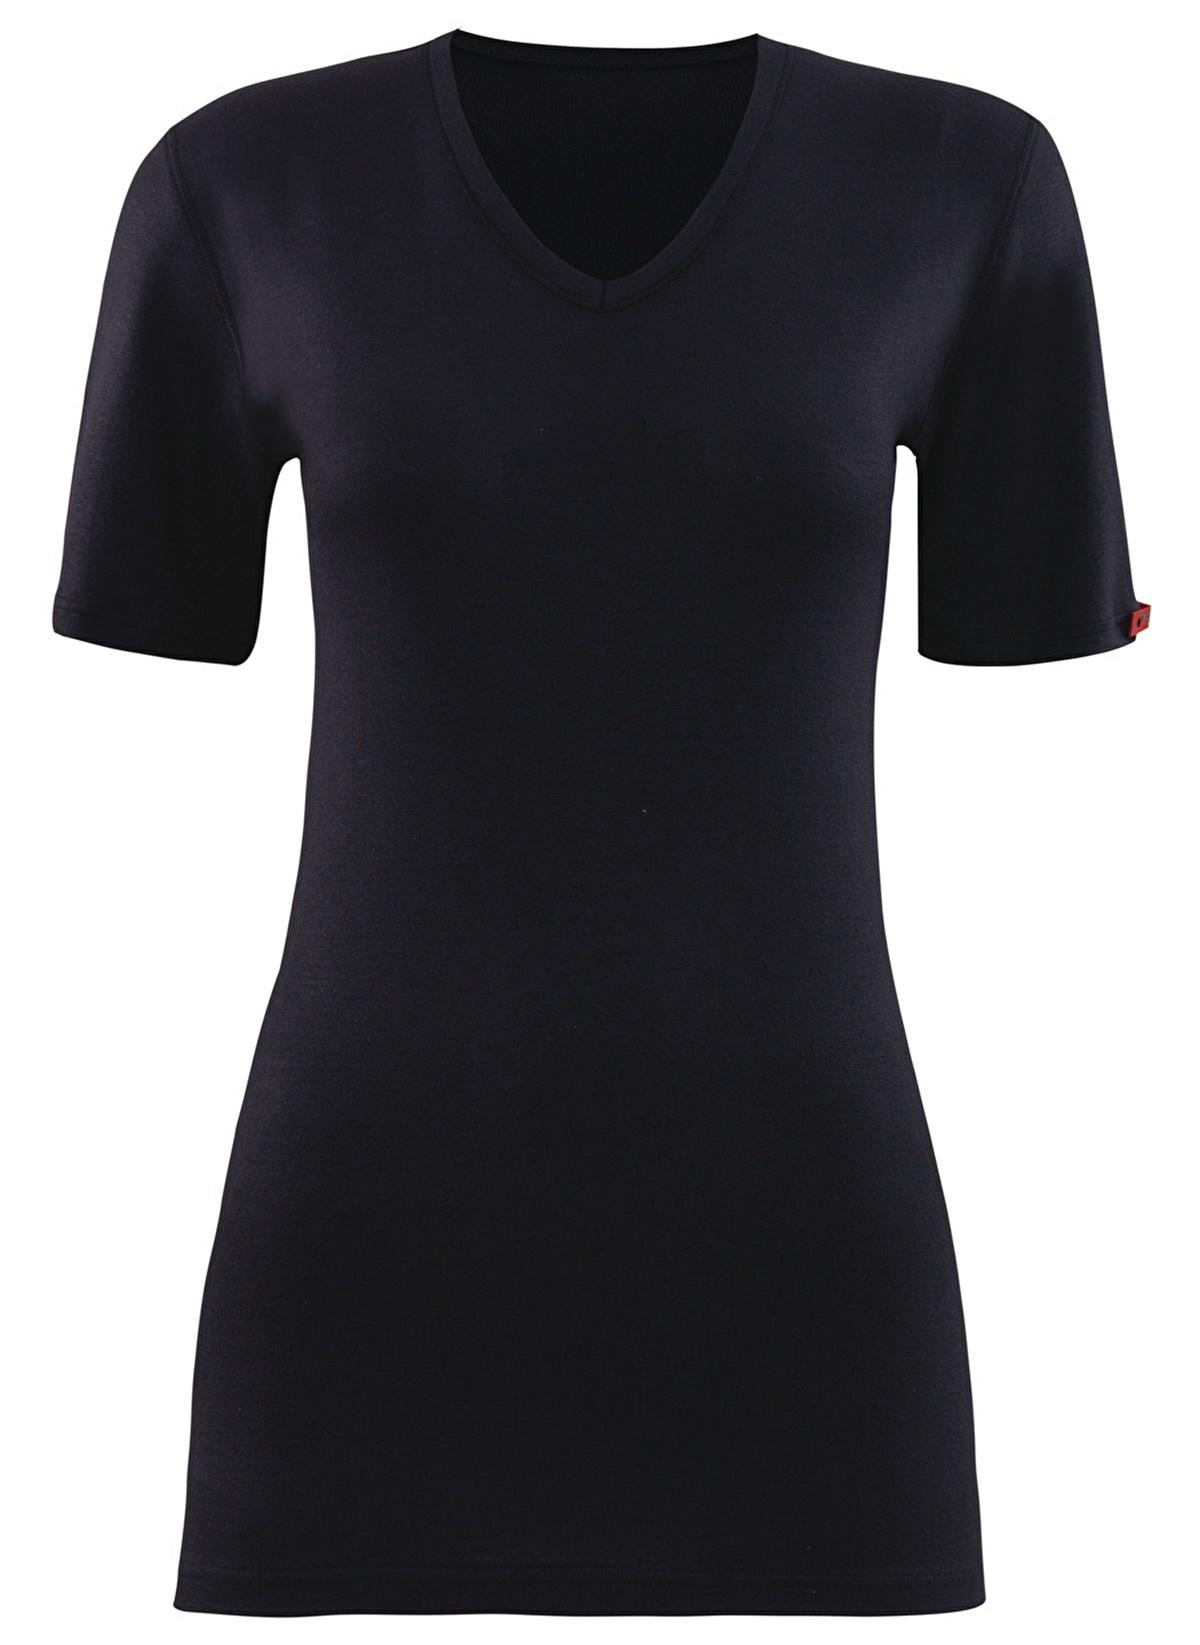 Blackspade Unisex İçlik – Üst 12630 Thermal V-neck T-shirt Short Slv. – 69.95 TL